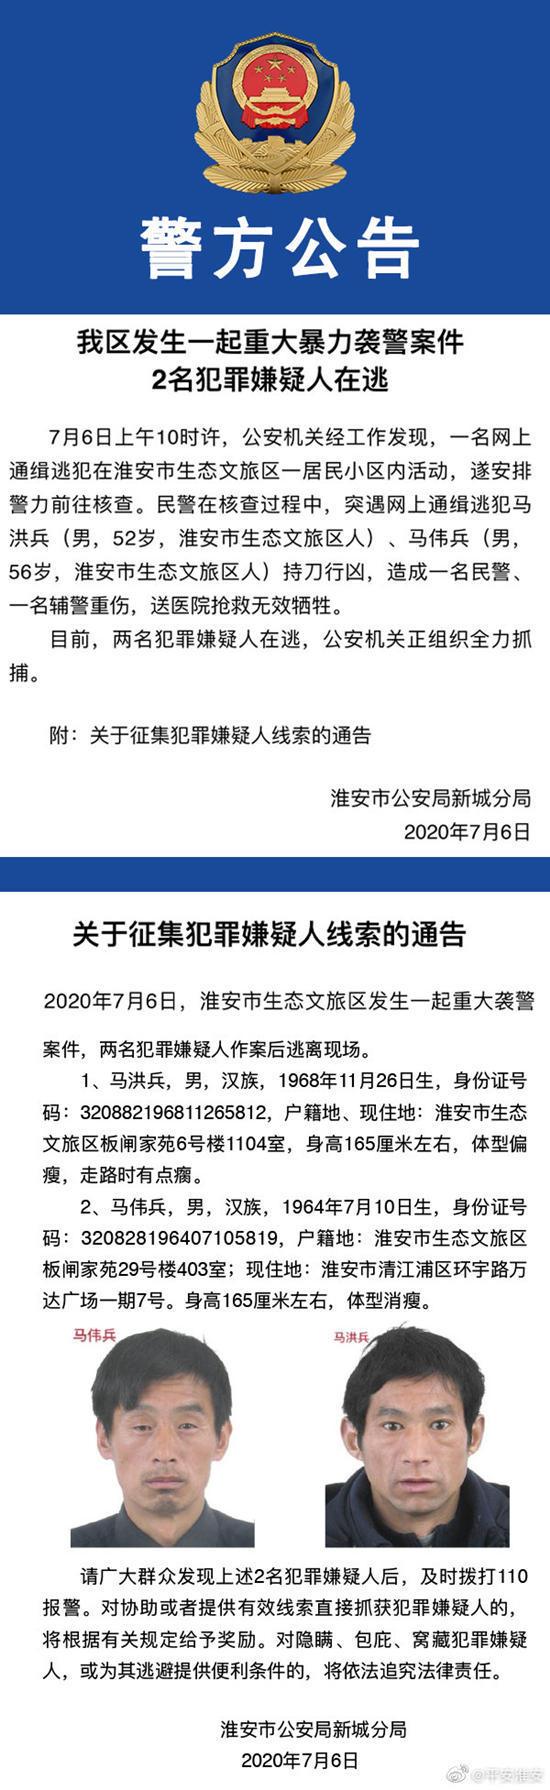 江苏发生暴力袭警事件 警方发公告缉凶